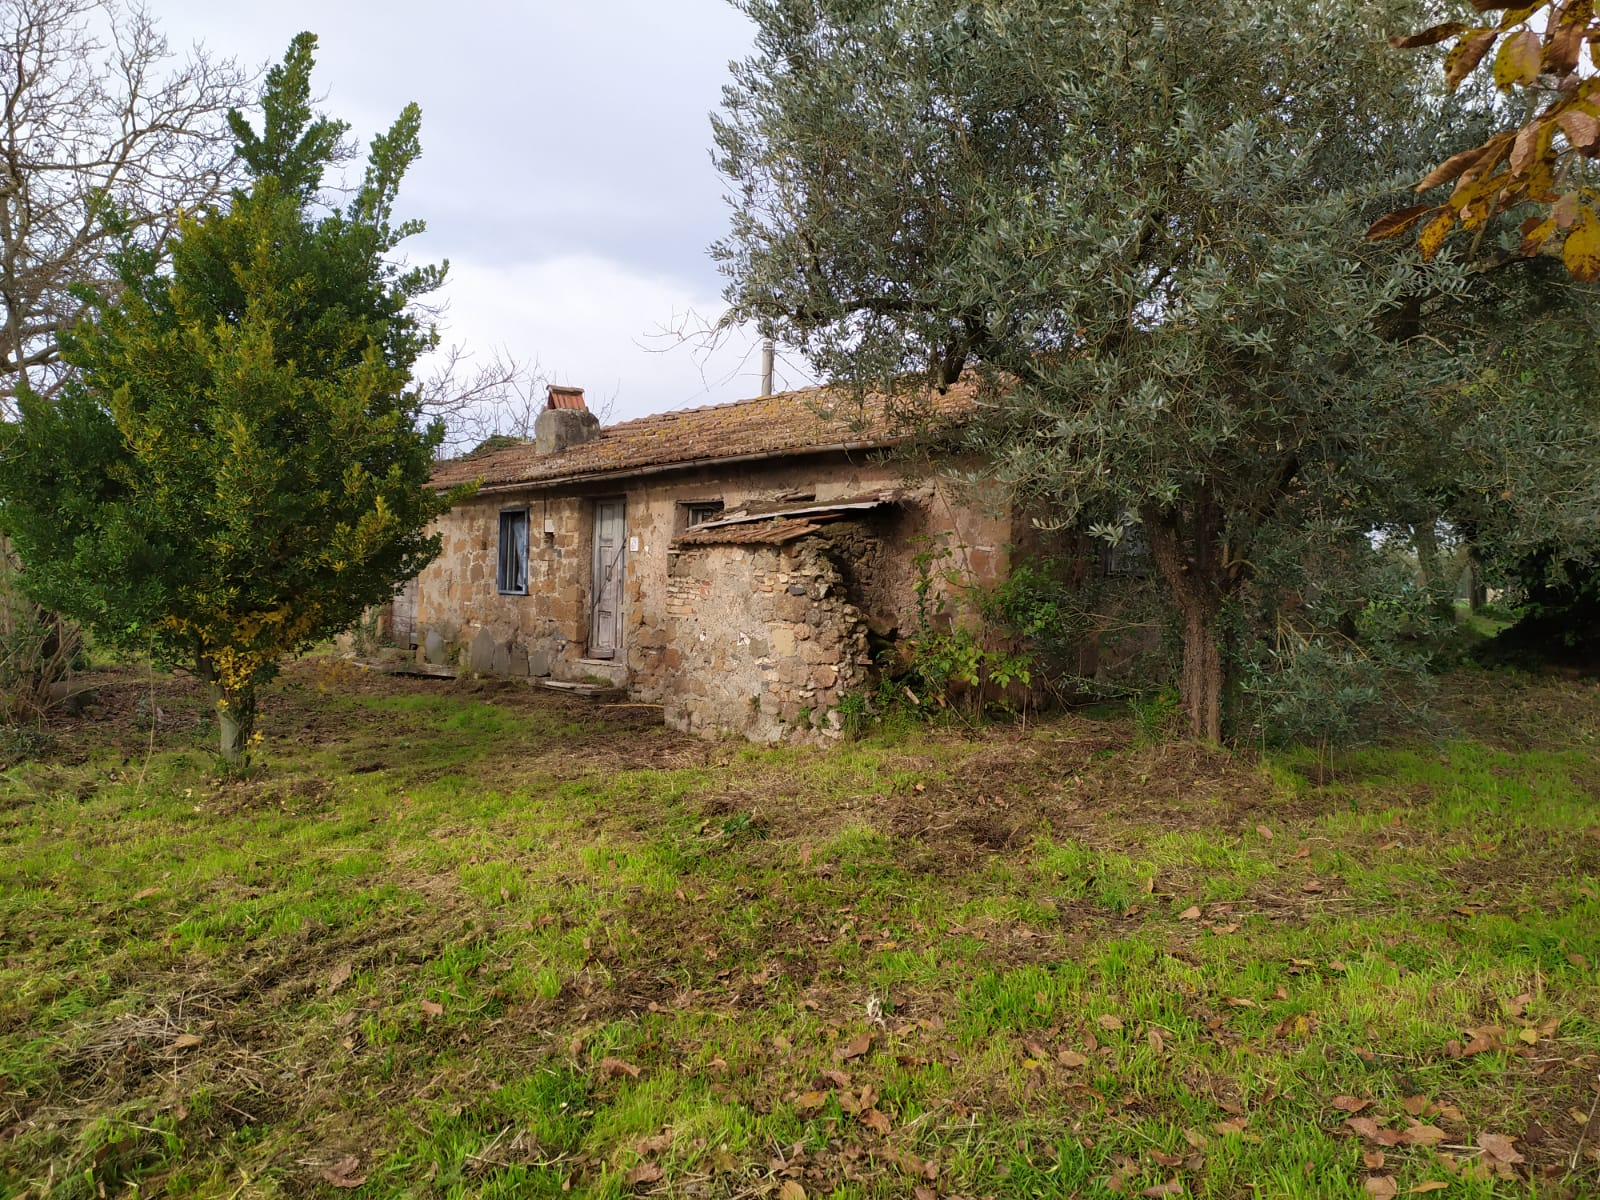 https://www.progettocasa1.it/immagini_immobili/04-01-2021/soluzione-indipendente--valmontone-roma-colle-san-giovanni-67-537.jpg